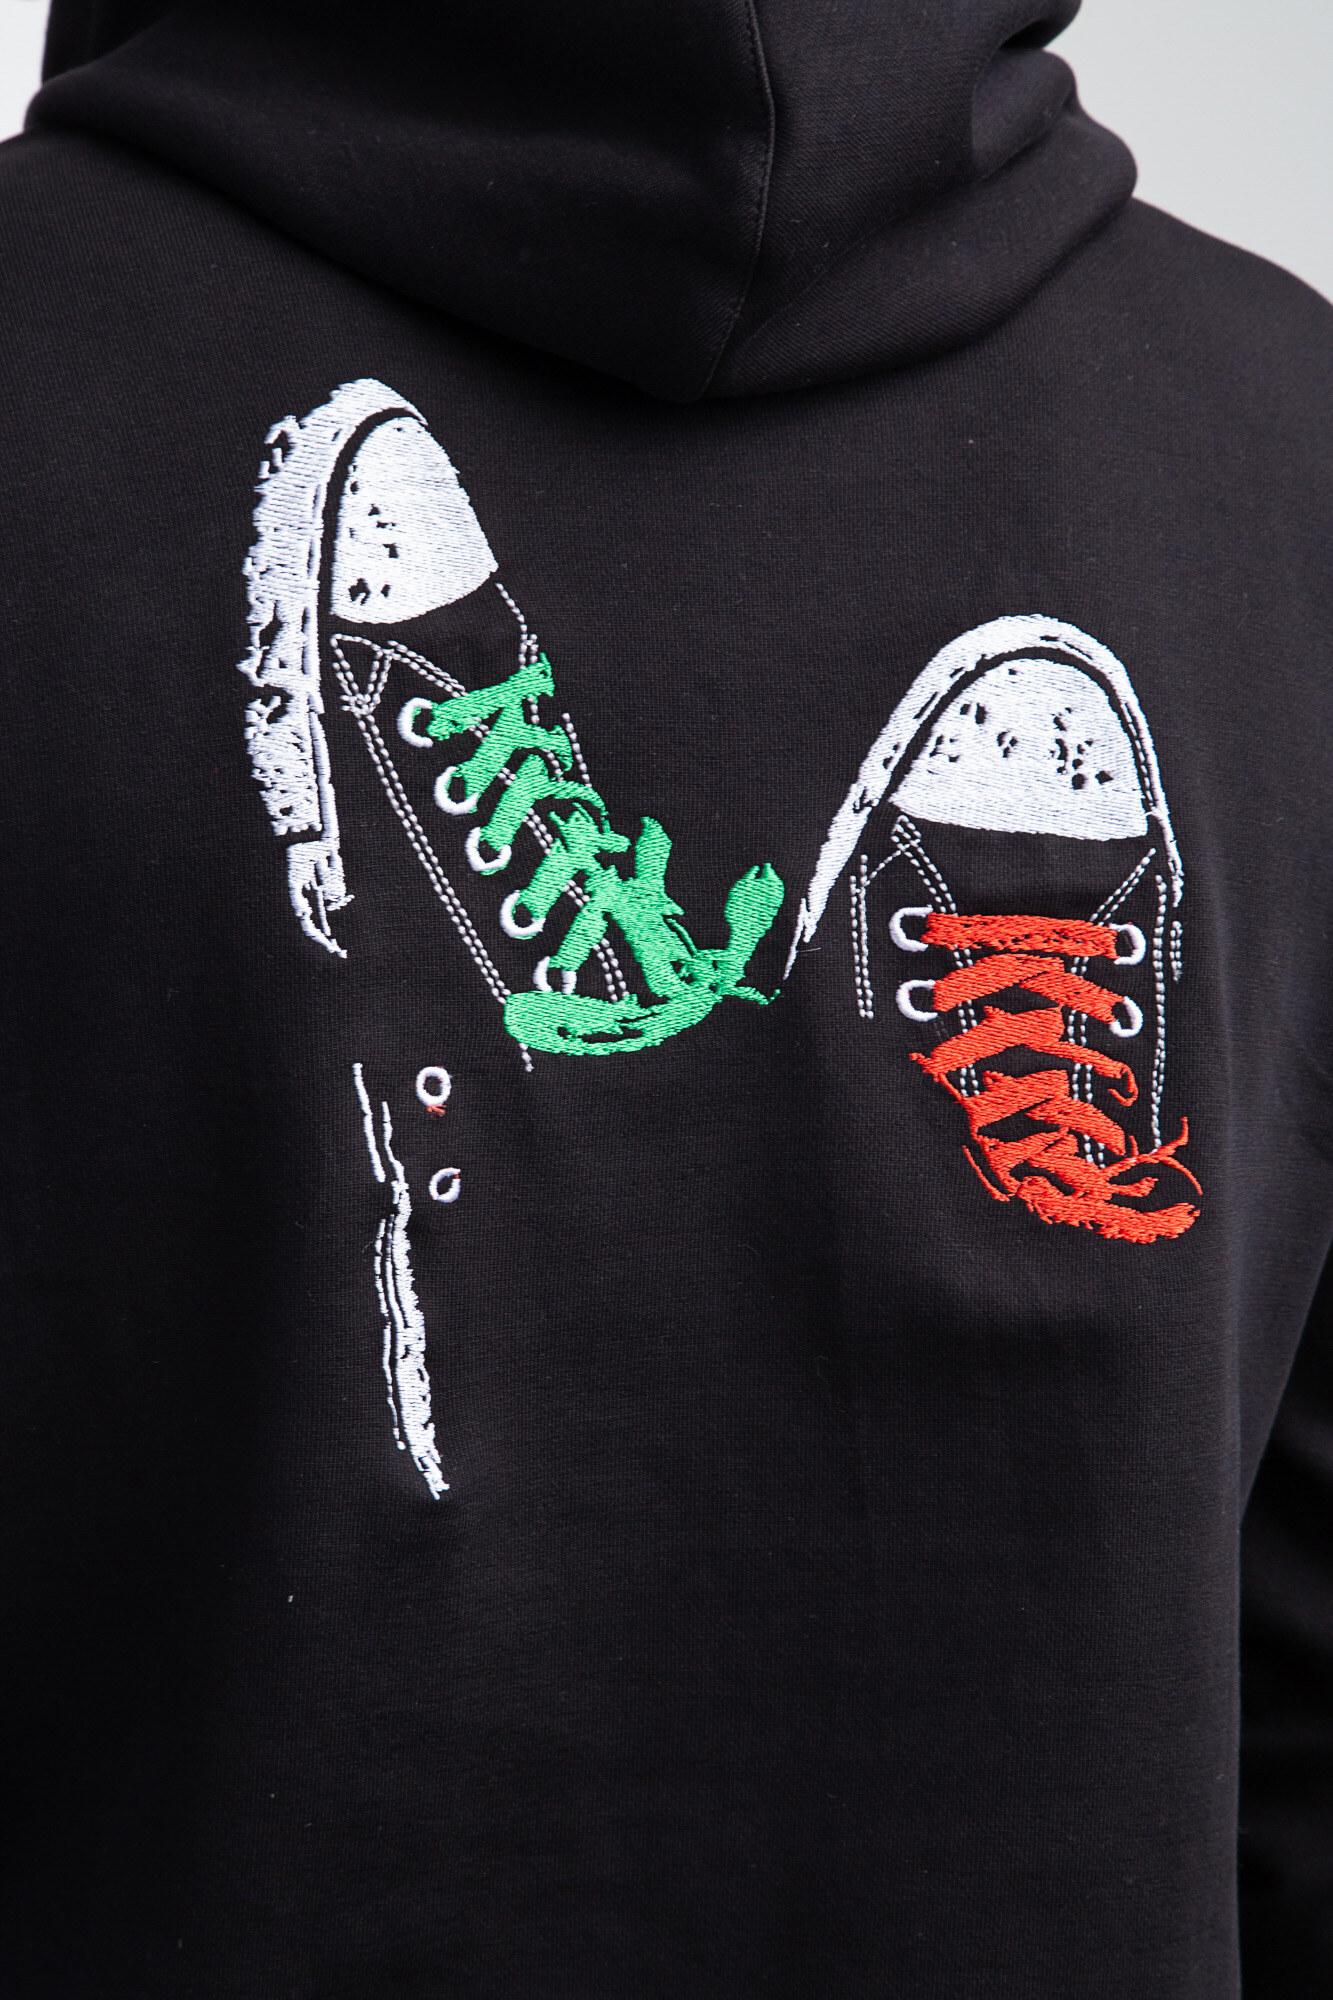 GEN Черная трикотажная толстовка с капюшоном и вышивкой на спине - Фото 4